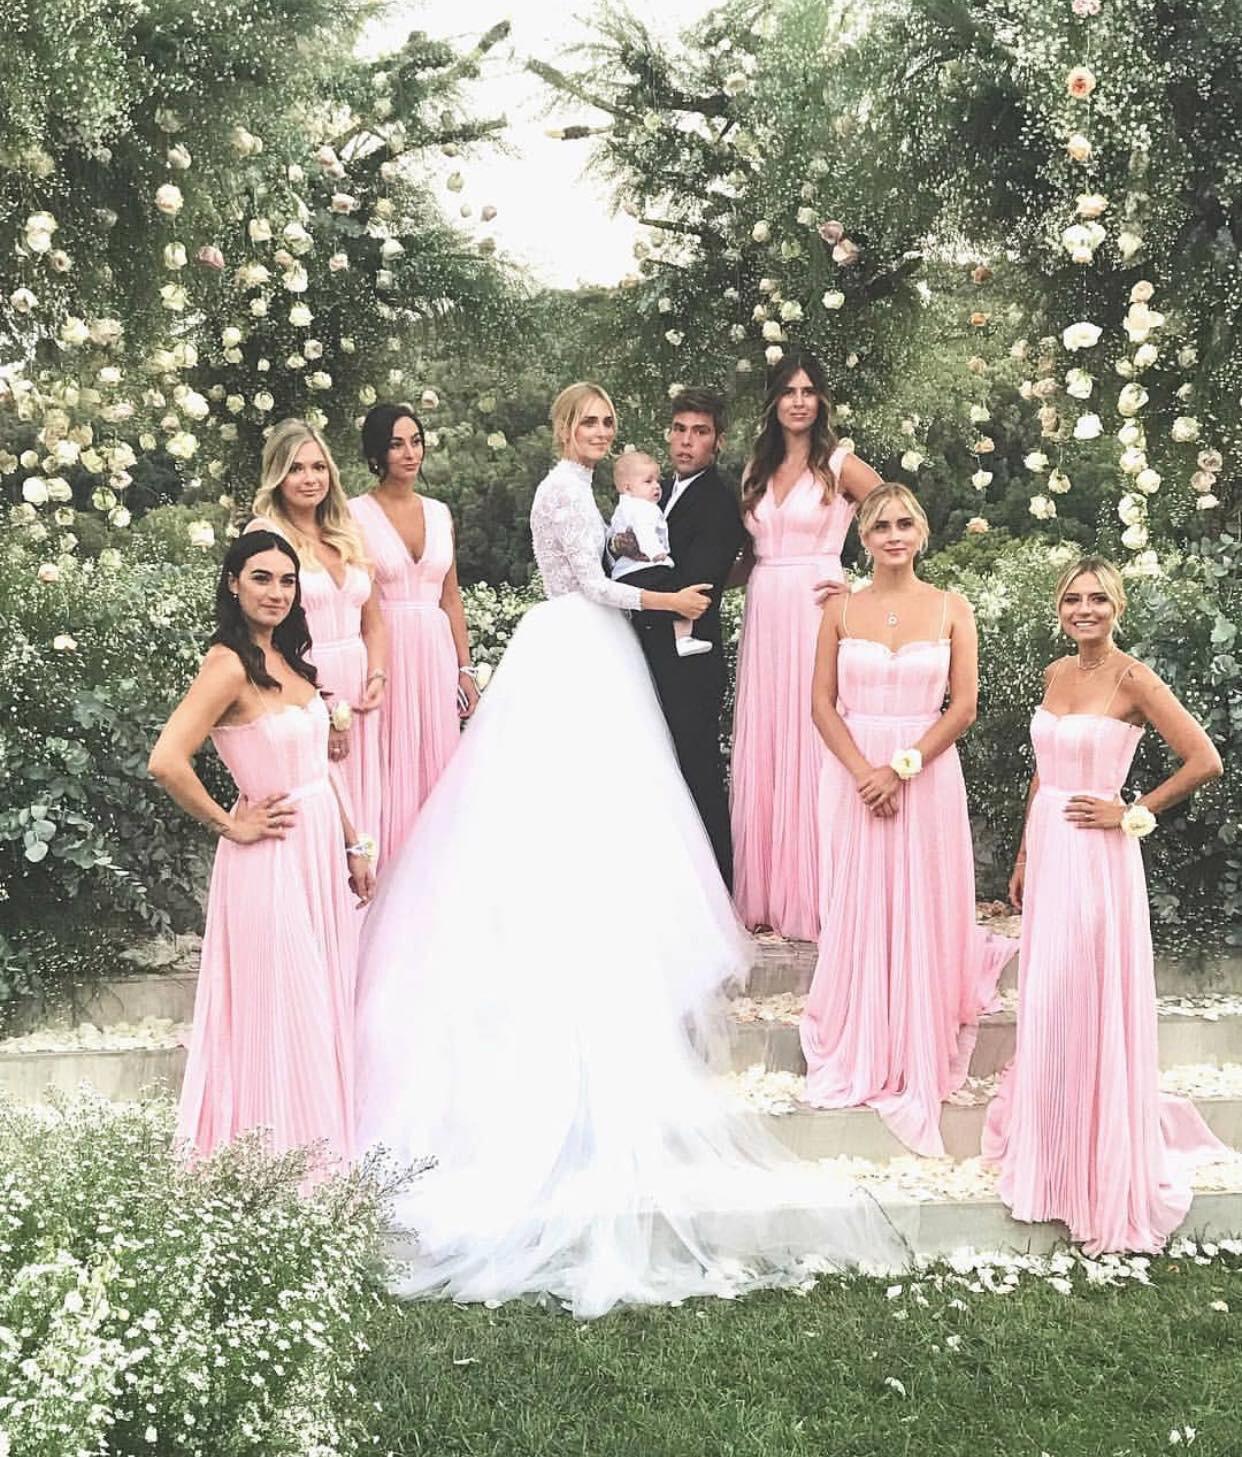 Đám cưới của blogger Chiara Ferragni chính thức diễn ra, khung cảnh lộng lẫy như giấc mơ của mọi cô gái - Ảnh 4.